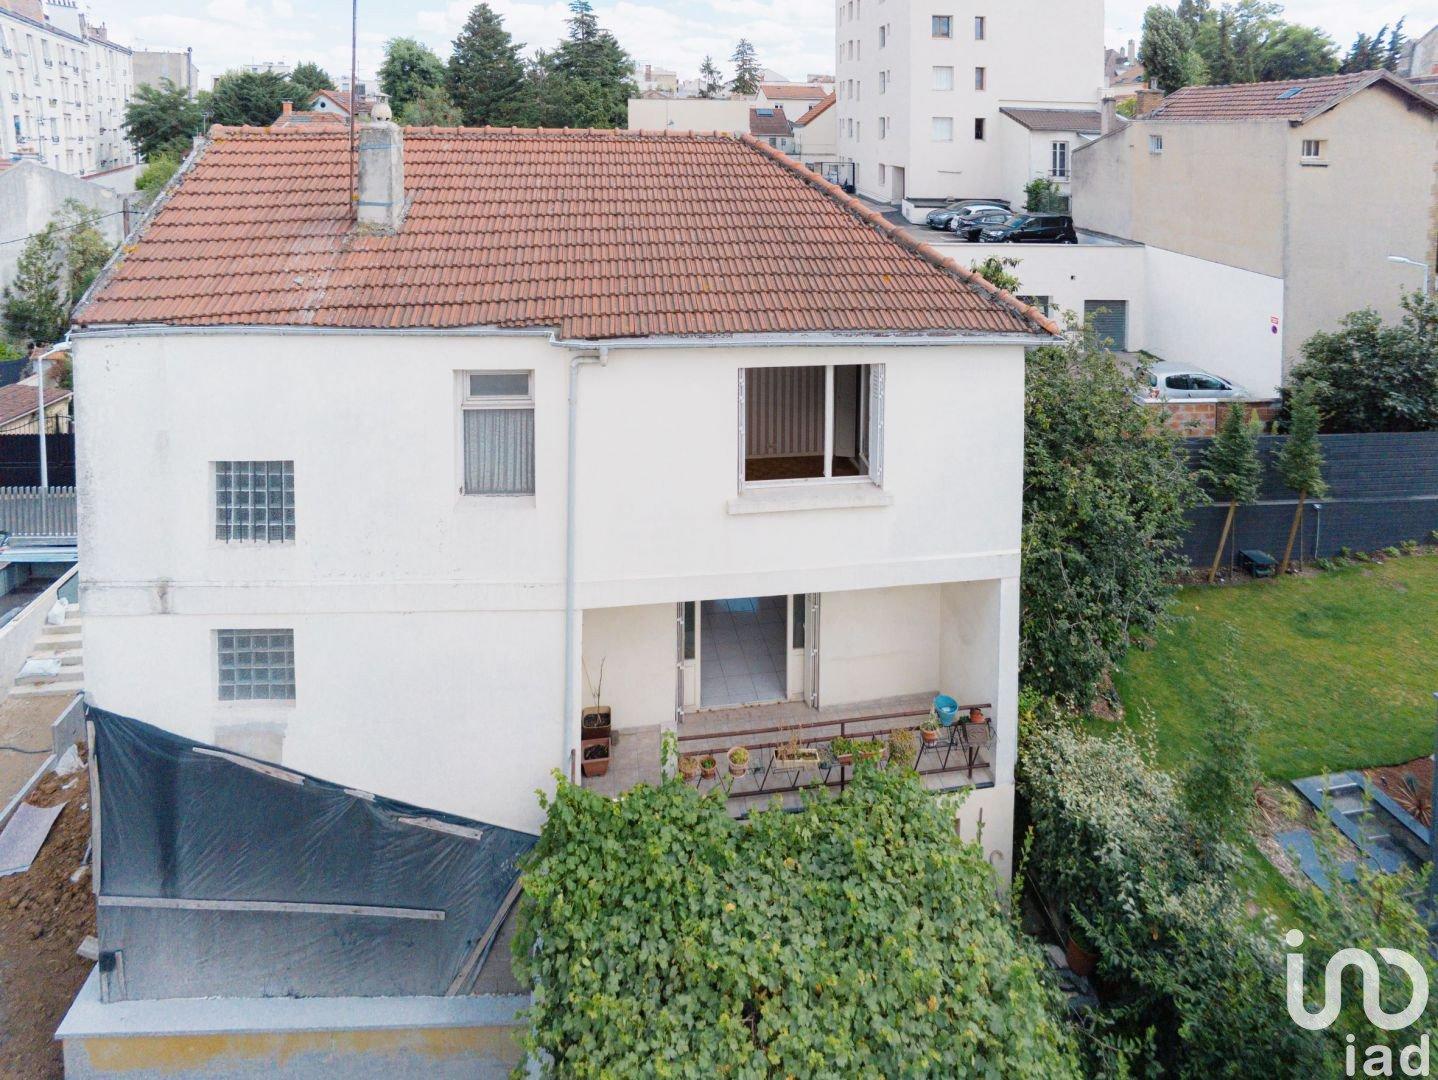 Maison a vendre nanterre - 5 pièce(s) - 192 m2 - Surfyn